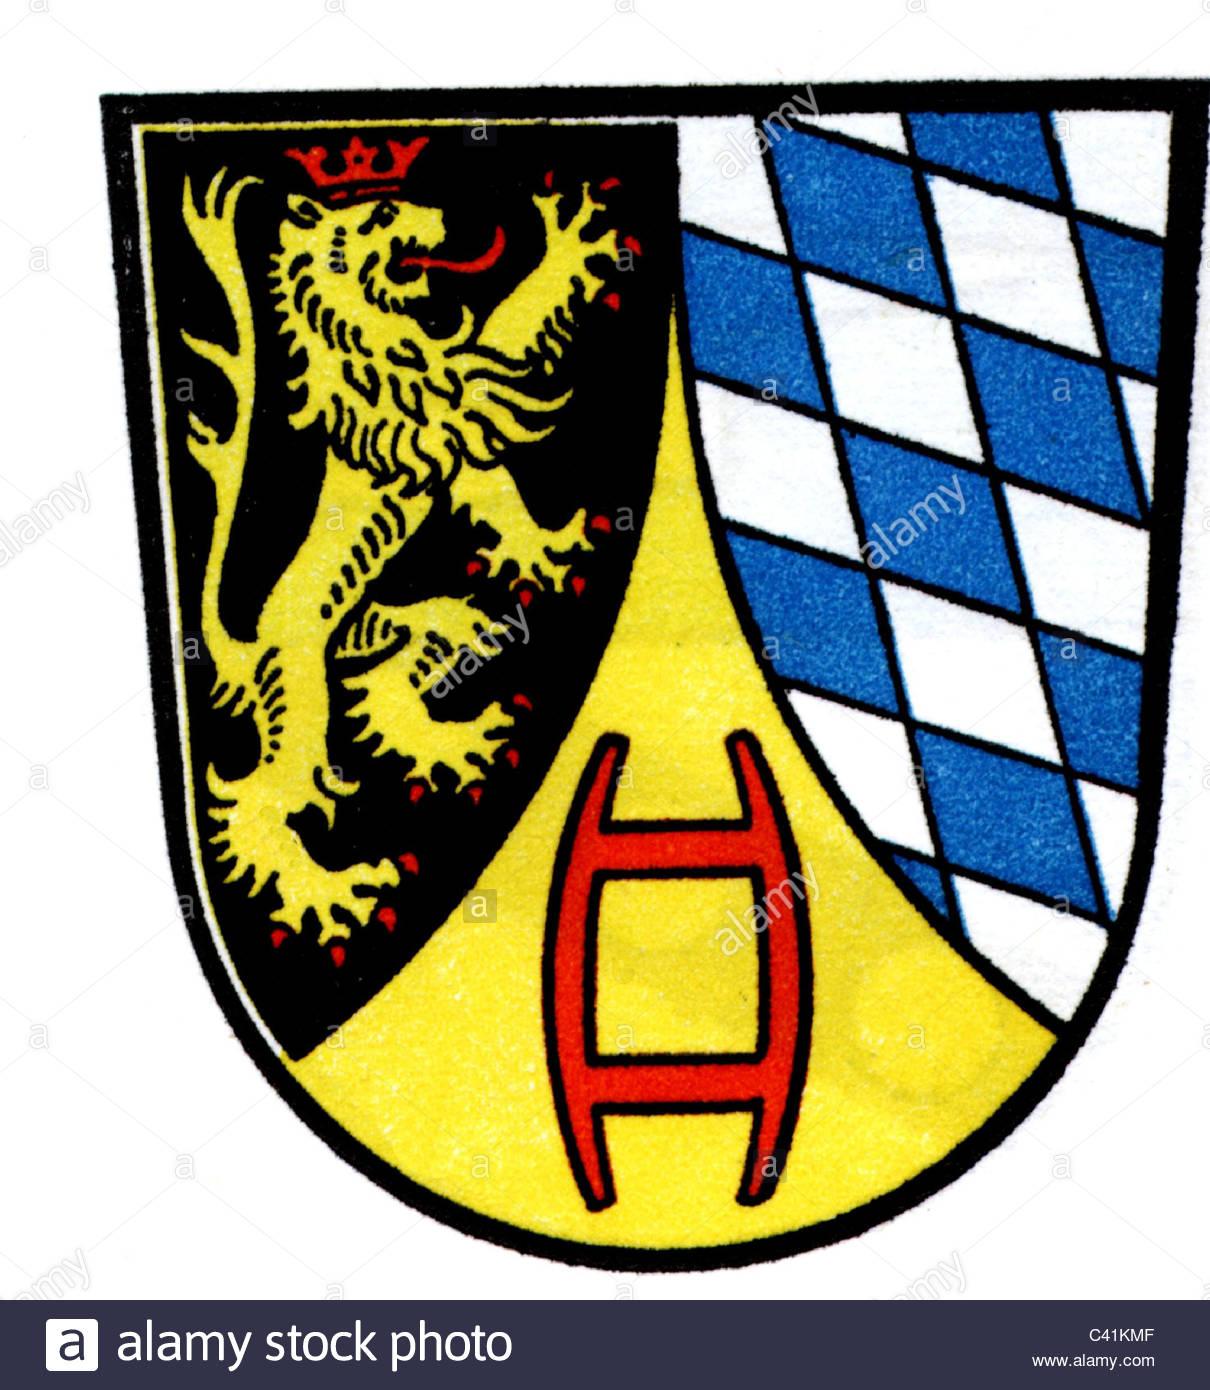 Weinheim Germany Stock Photos & Weinheim Germany Stock Images.